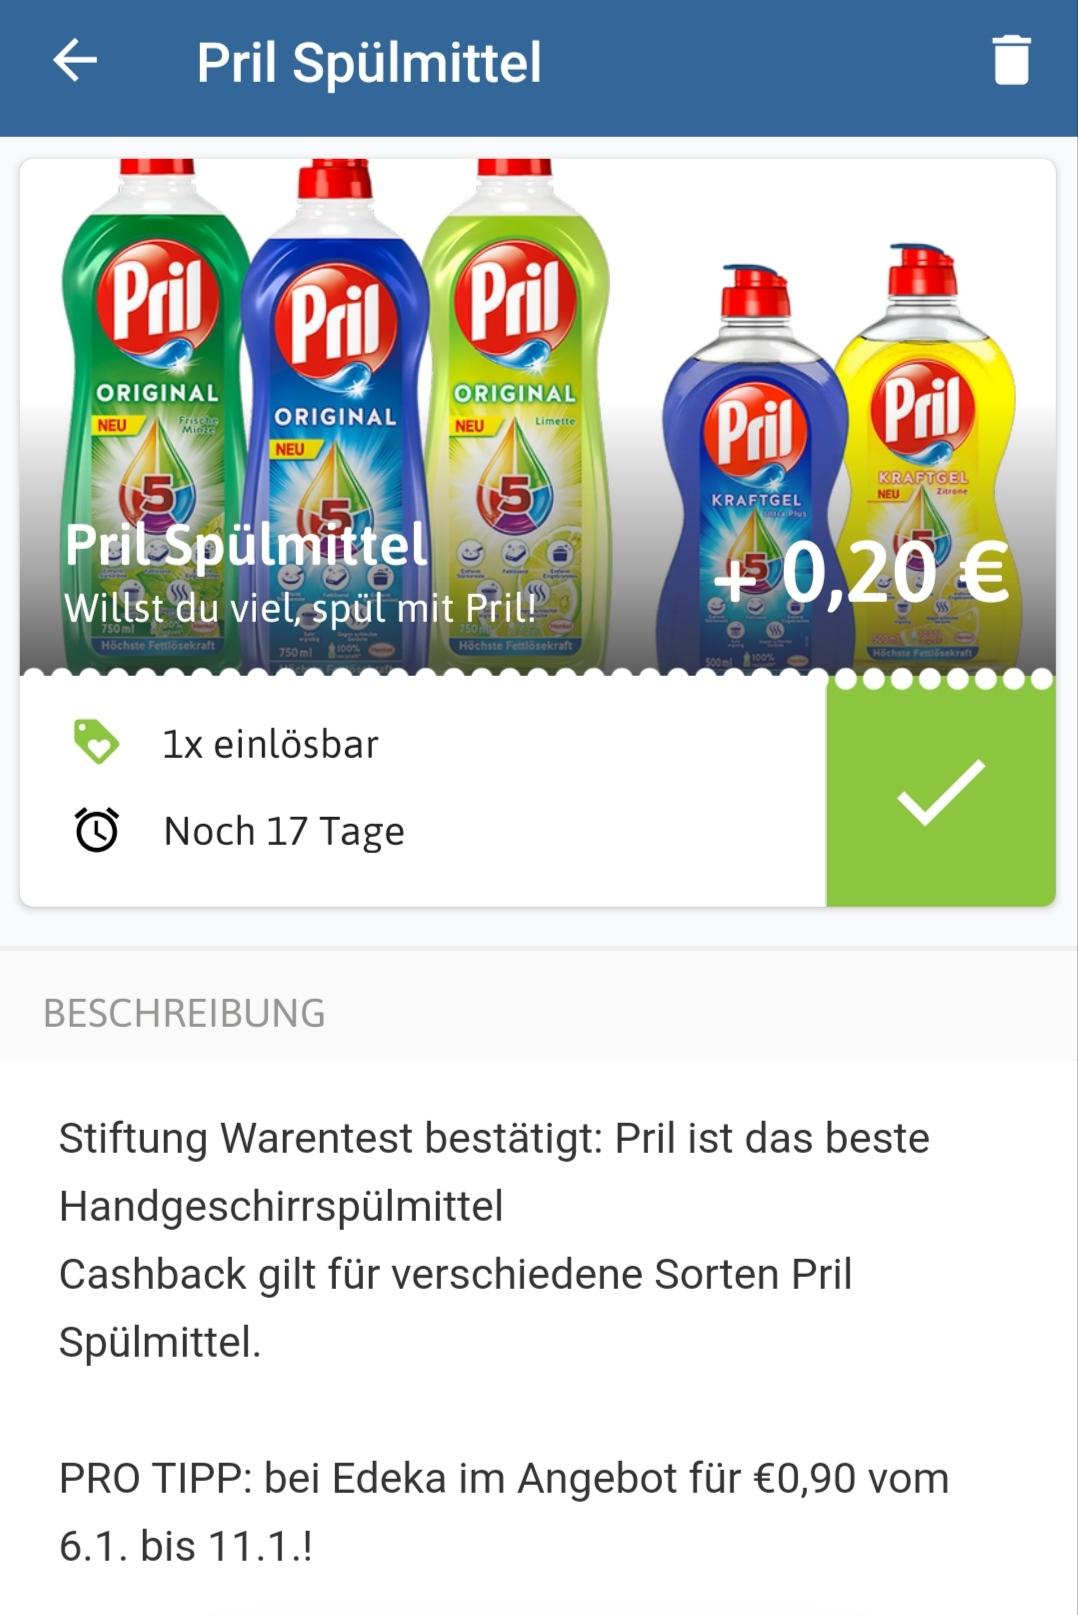 Edeka Pril 750ml im Angebot für 1,00 Euro Bei Reebate gibt es nochmals 0,20 Cent Abzug.